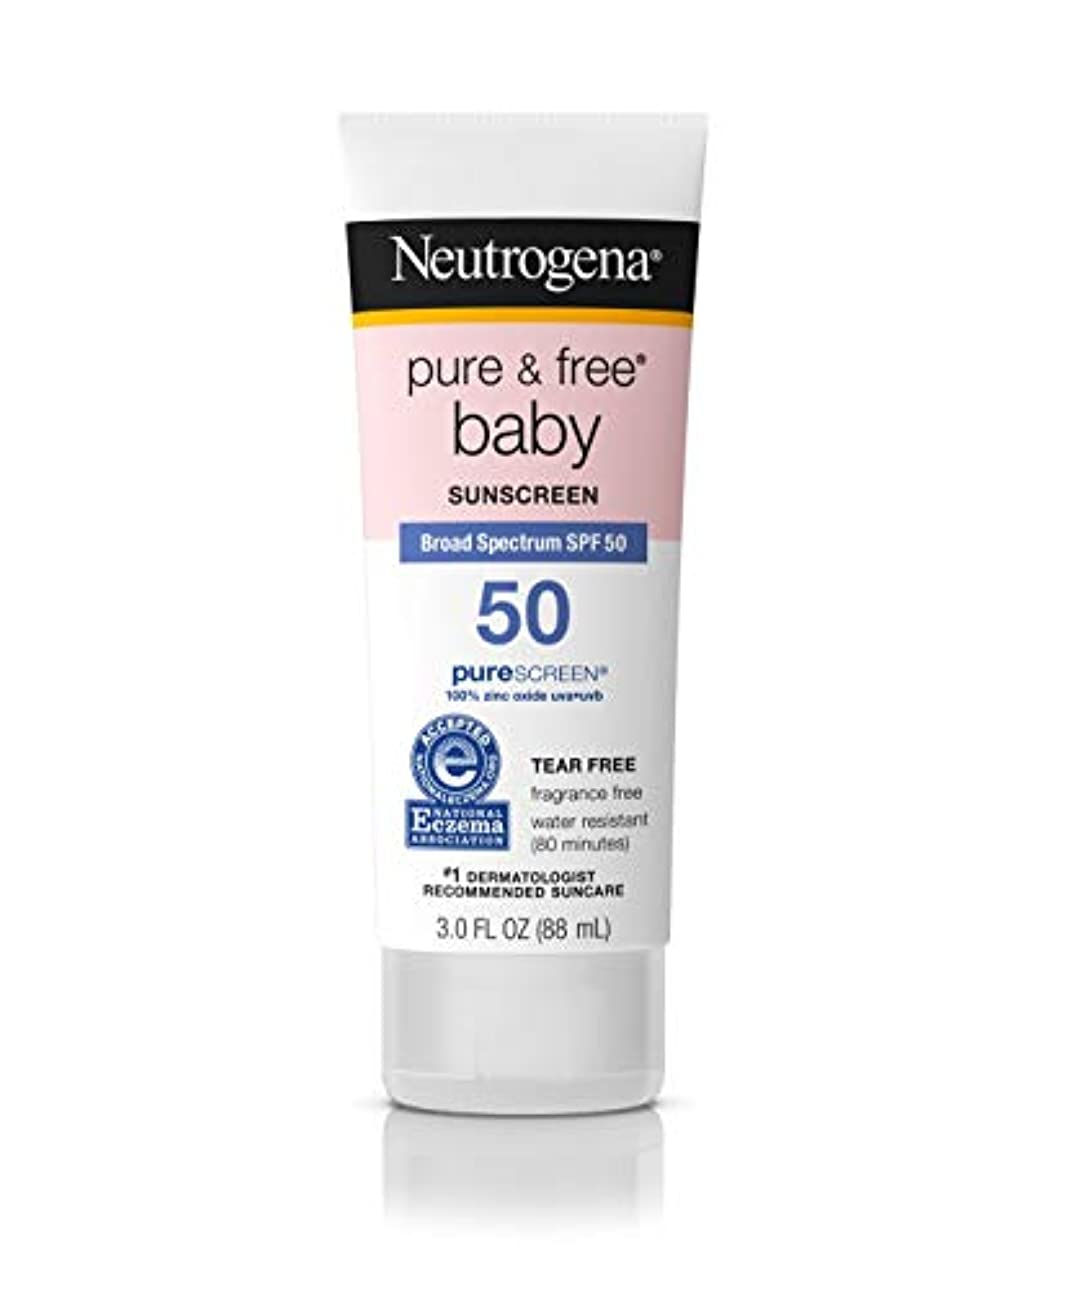 信頼性のある三十超高層ビルニュートロジーナ ベビー サンスクリーン SPF50 【88ml】 敏感肌 赤ちゃん 日焼け止め